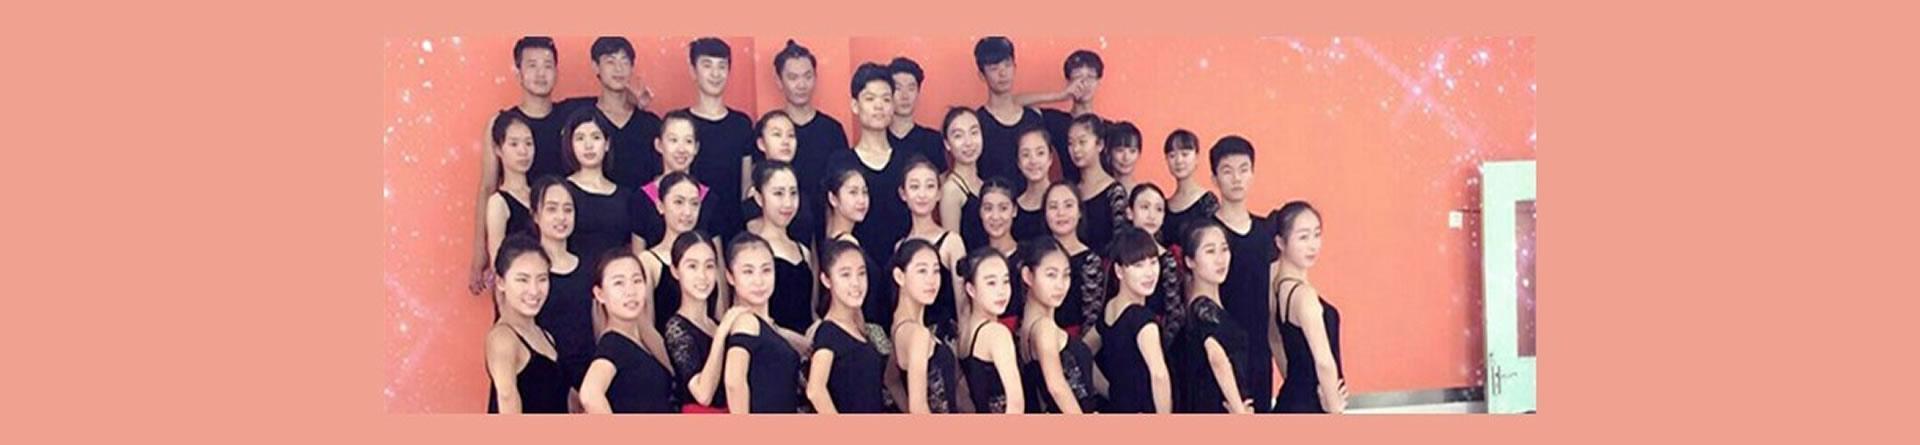 郑州瑞之舞艺术培训